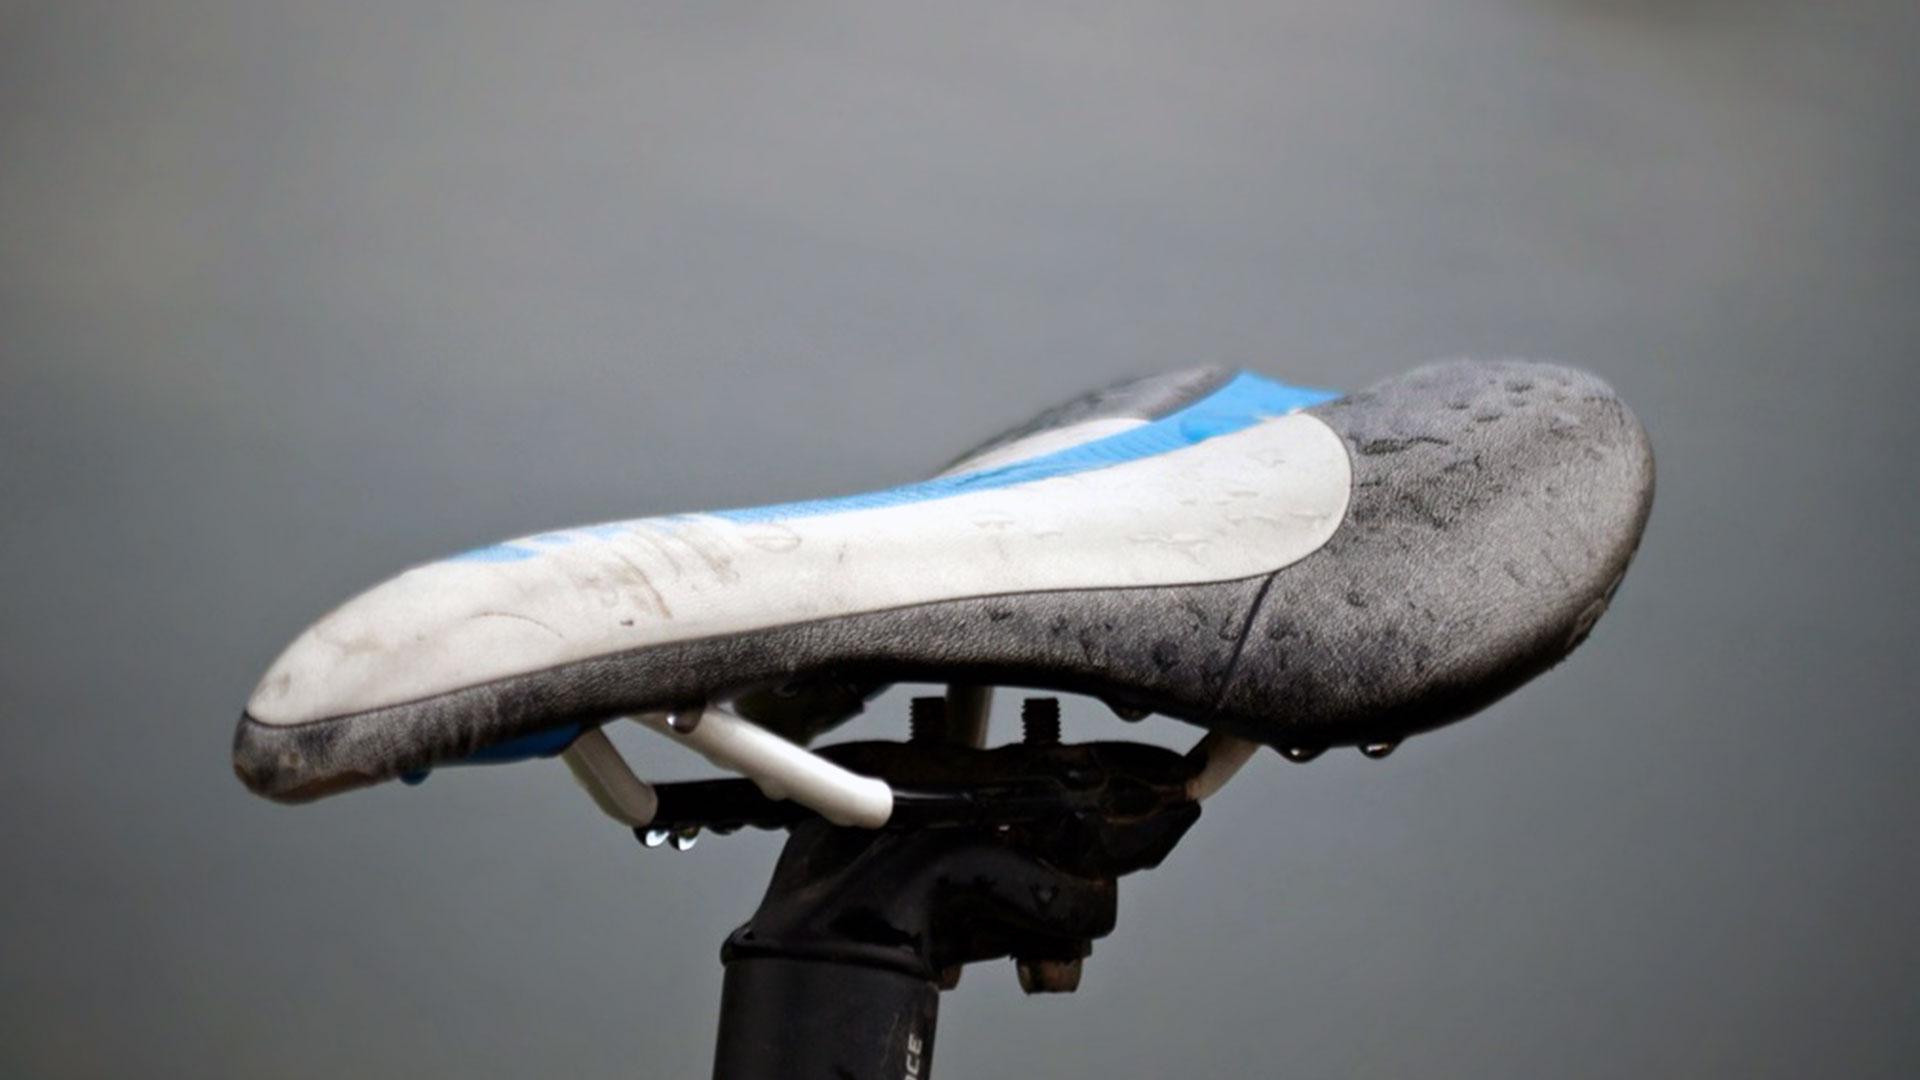 Hoe kies je het juiste zadel voor je racefiets of mountainbike?